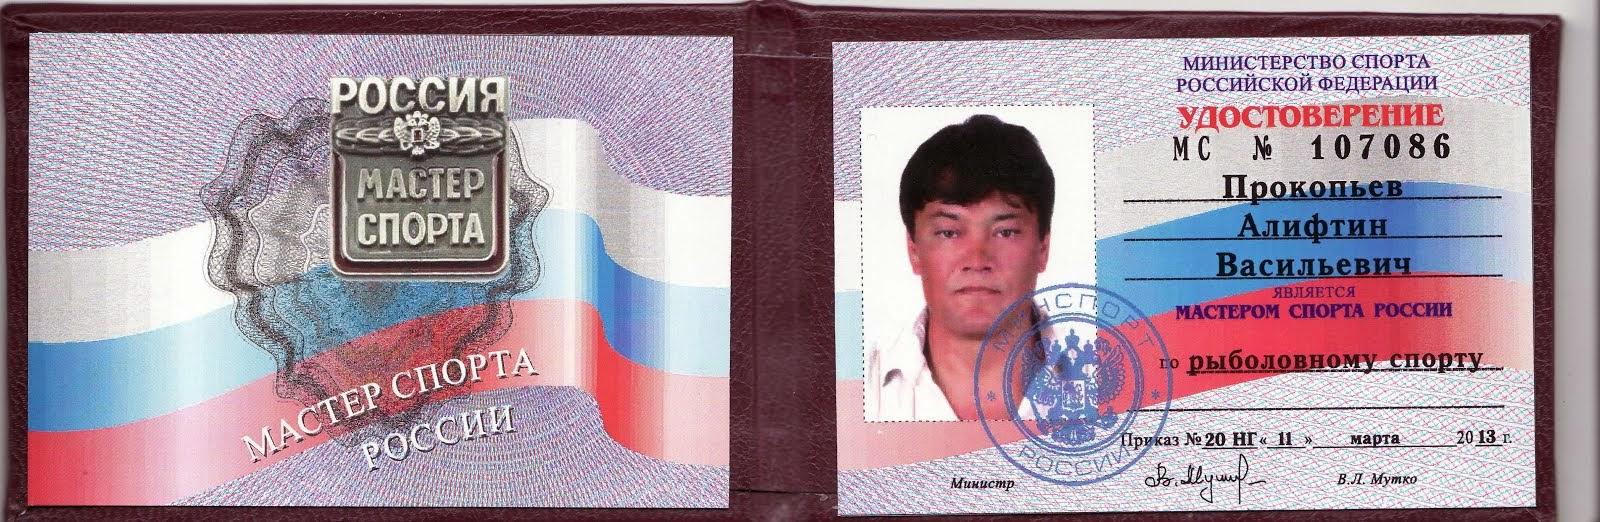 удостоверение мастера спорта России